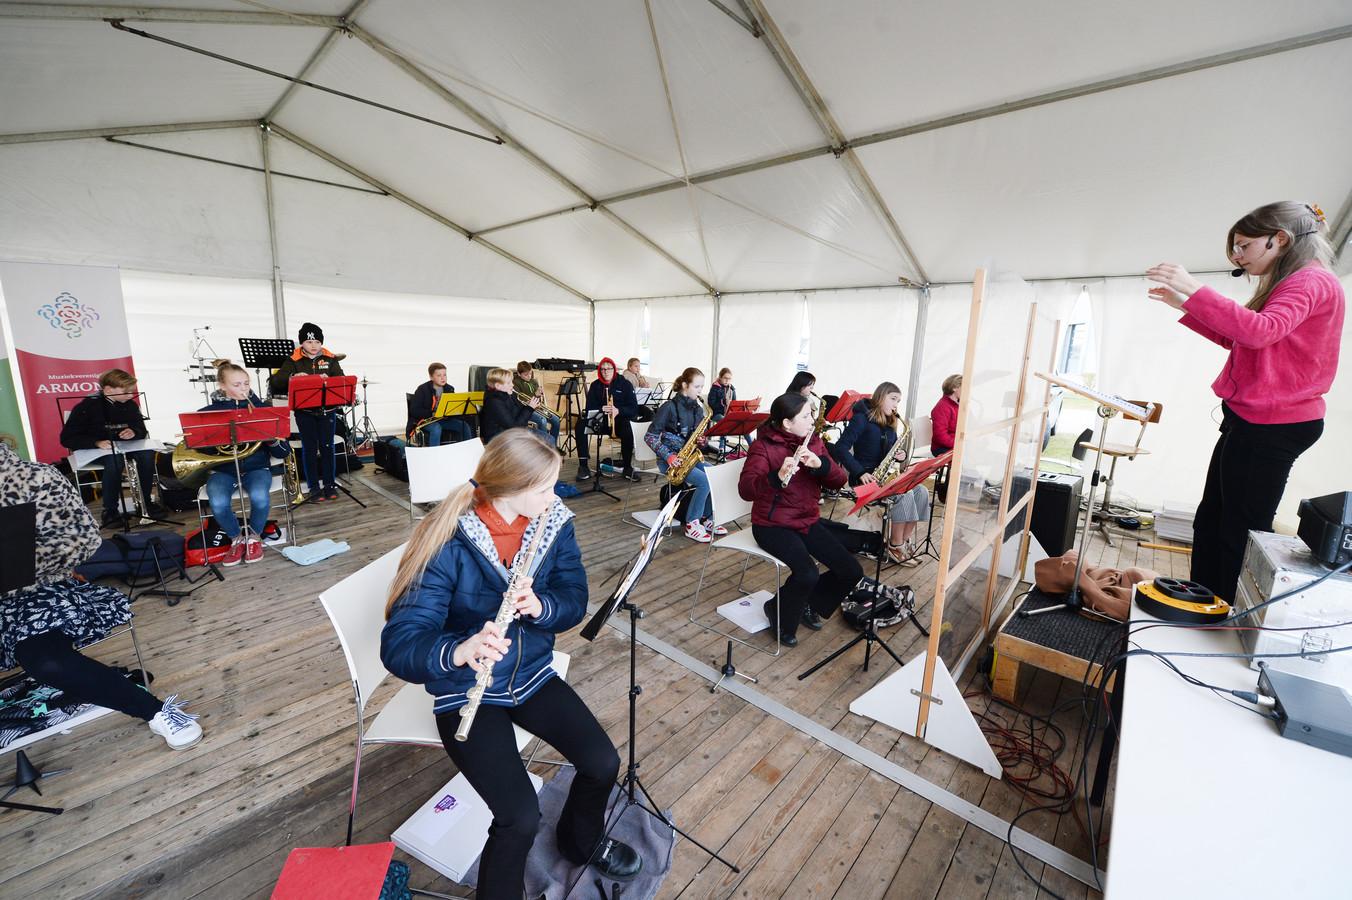 Leden van het leerlingenorkest Allo konden vrijdagavond als een van de eersten weer samen repeteren.